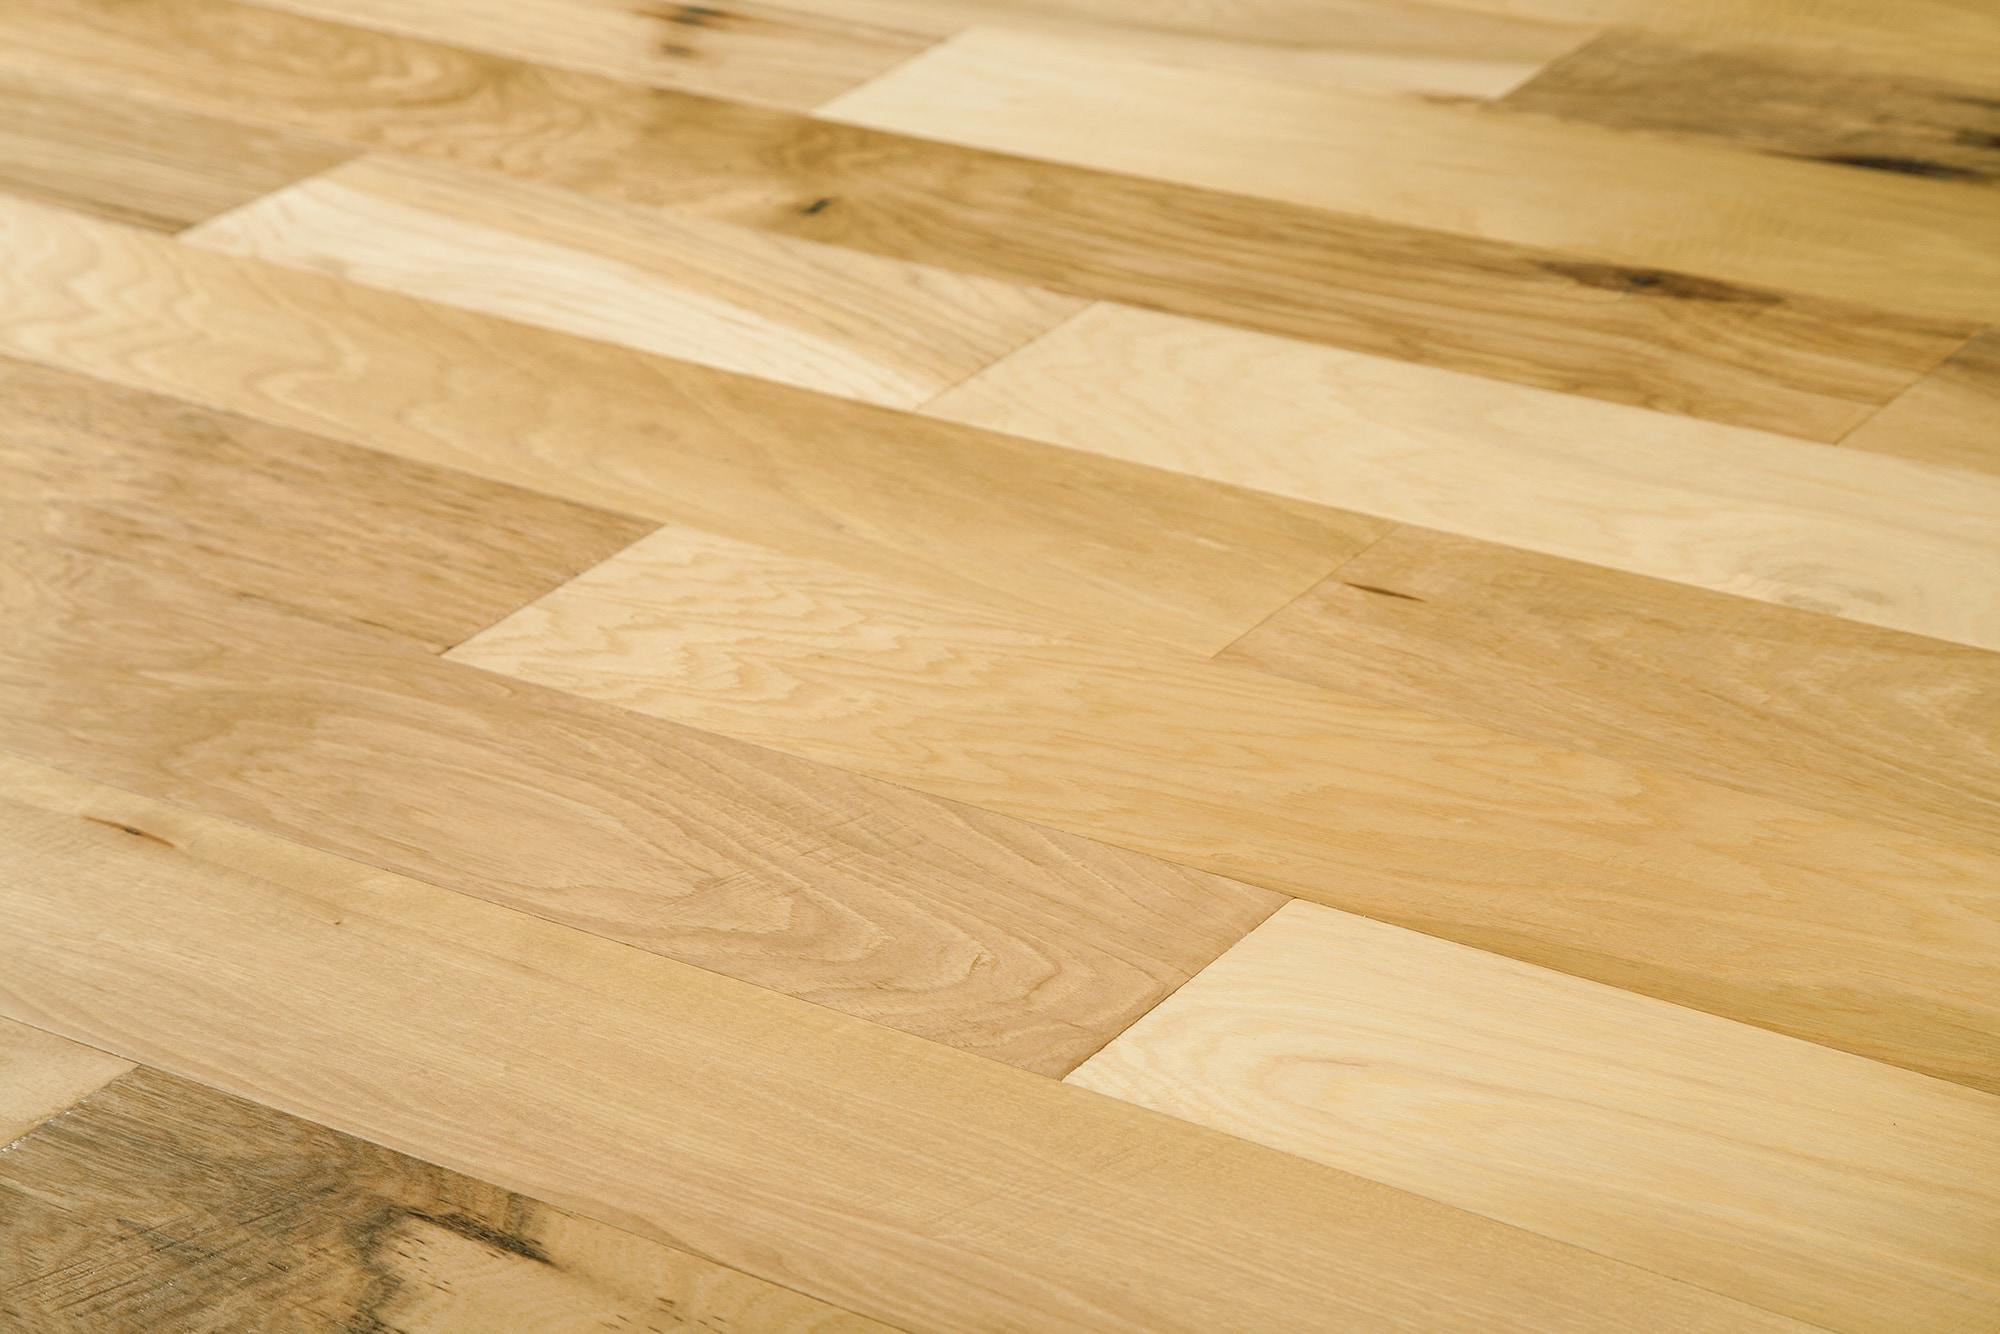 Best Engineered Hardwood Flooring Brand ReviewTop 5